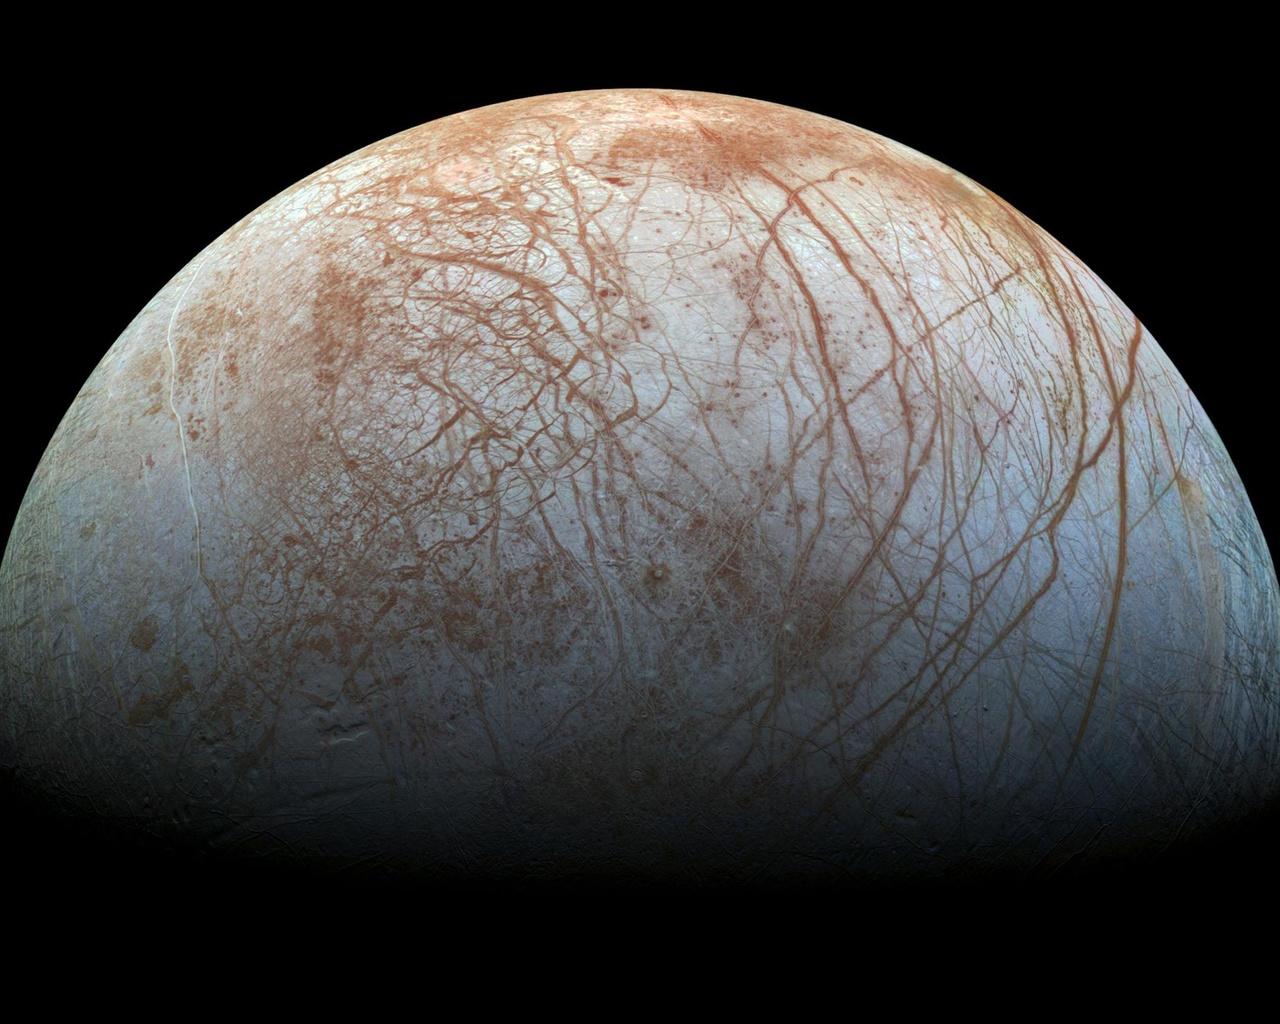 юпитер, планета, космос